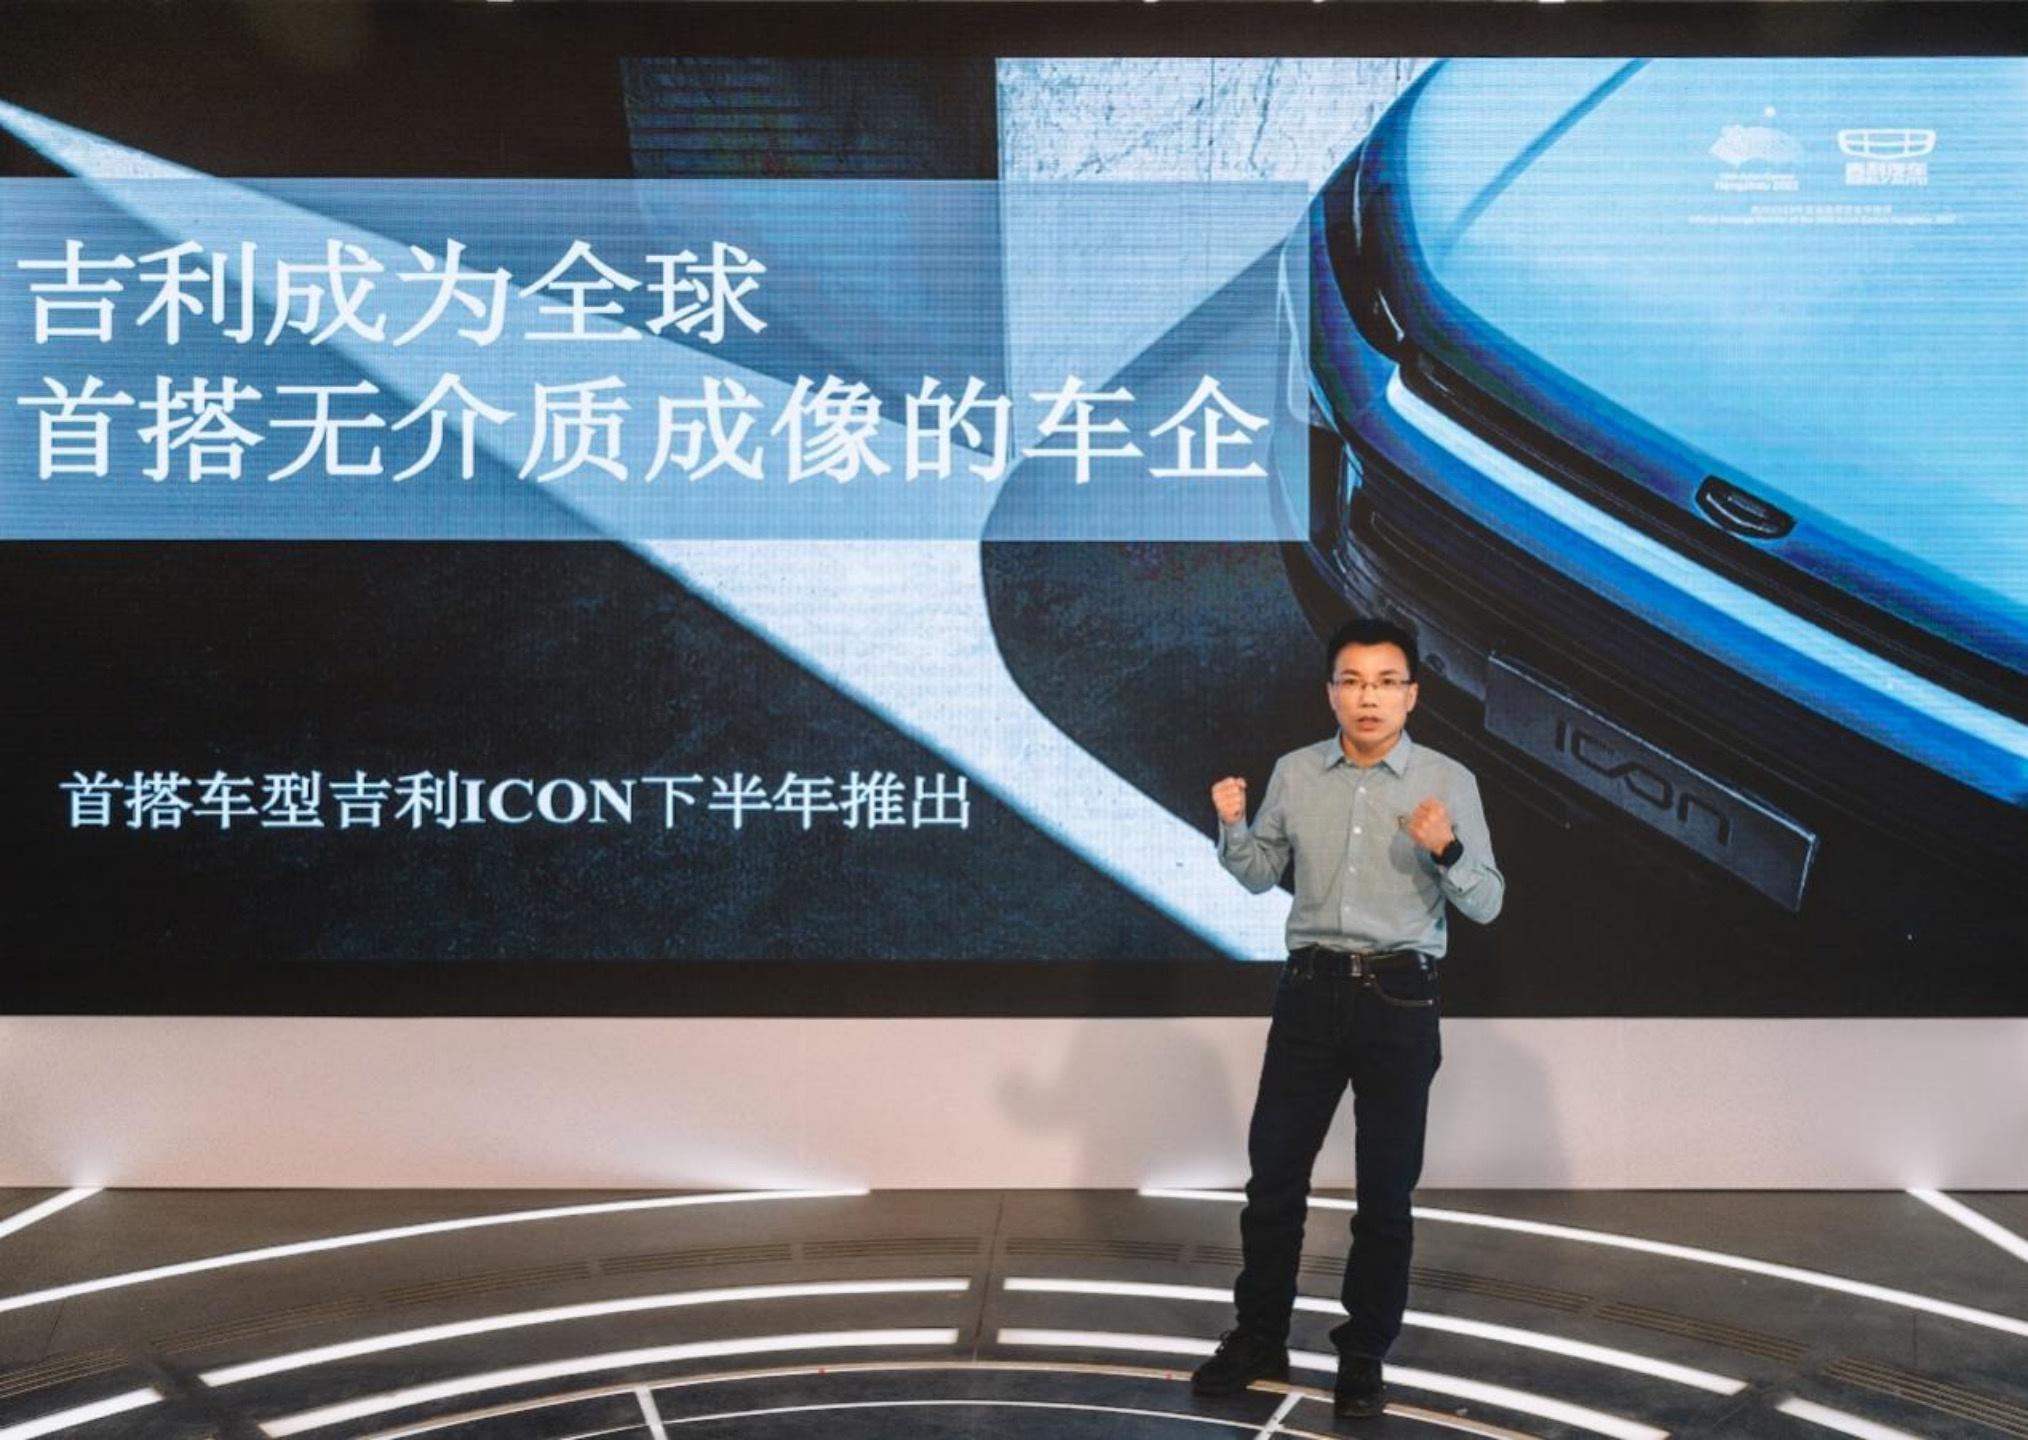 """吉利汽车发布""""智能全息座舱"""",首搭ICON车型"""